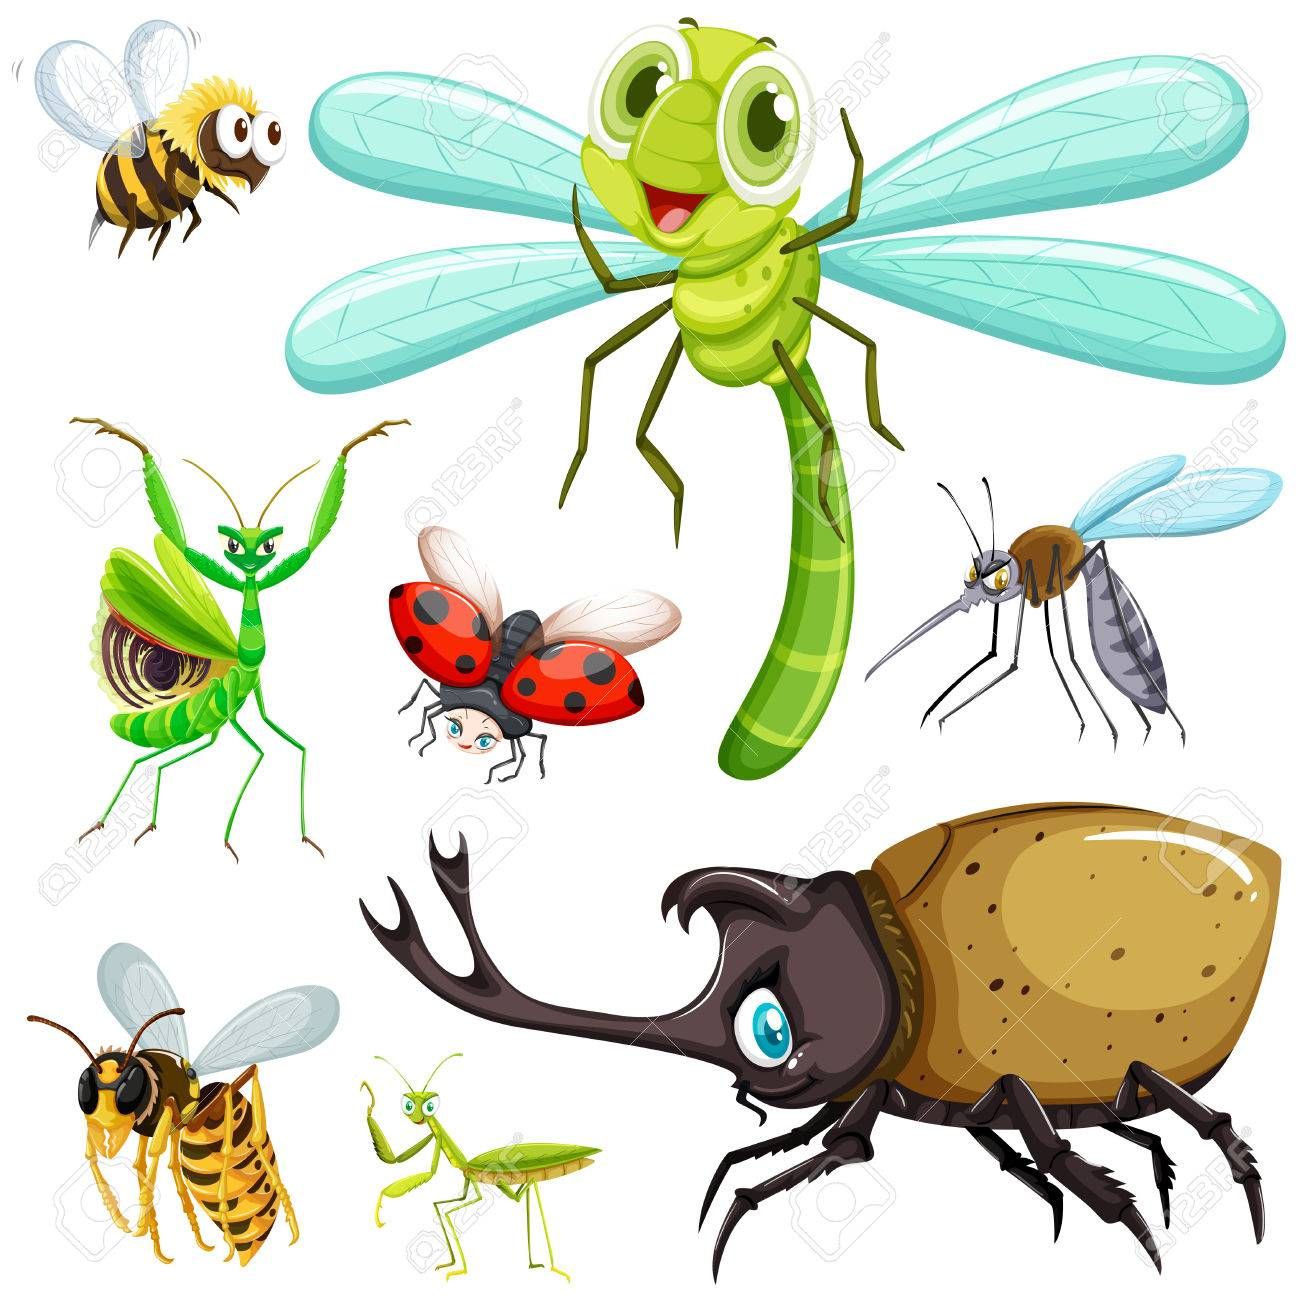 昆虫イラスト種類のイラスト素材ベクタ Image 61350359